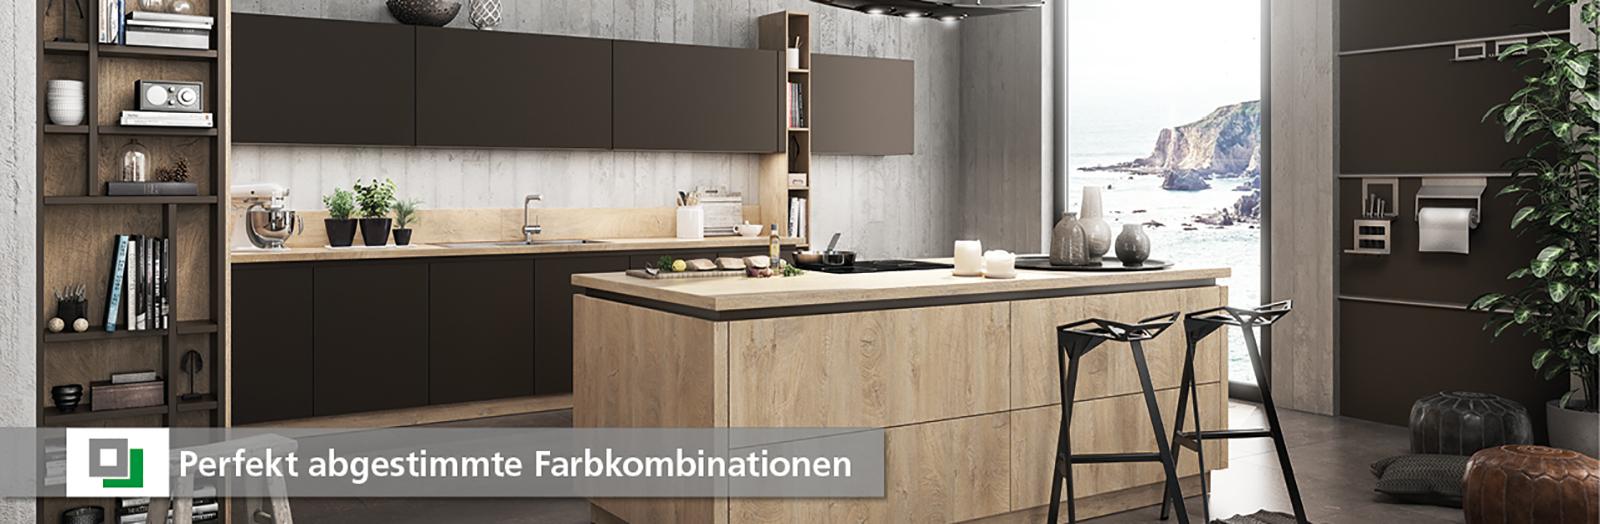 Moderne Küchen mit großer Auswahl an perfekten Farbkombinationen - Küche + Raum in 82152 Planegg, 85072 Eichstätt